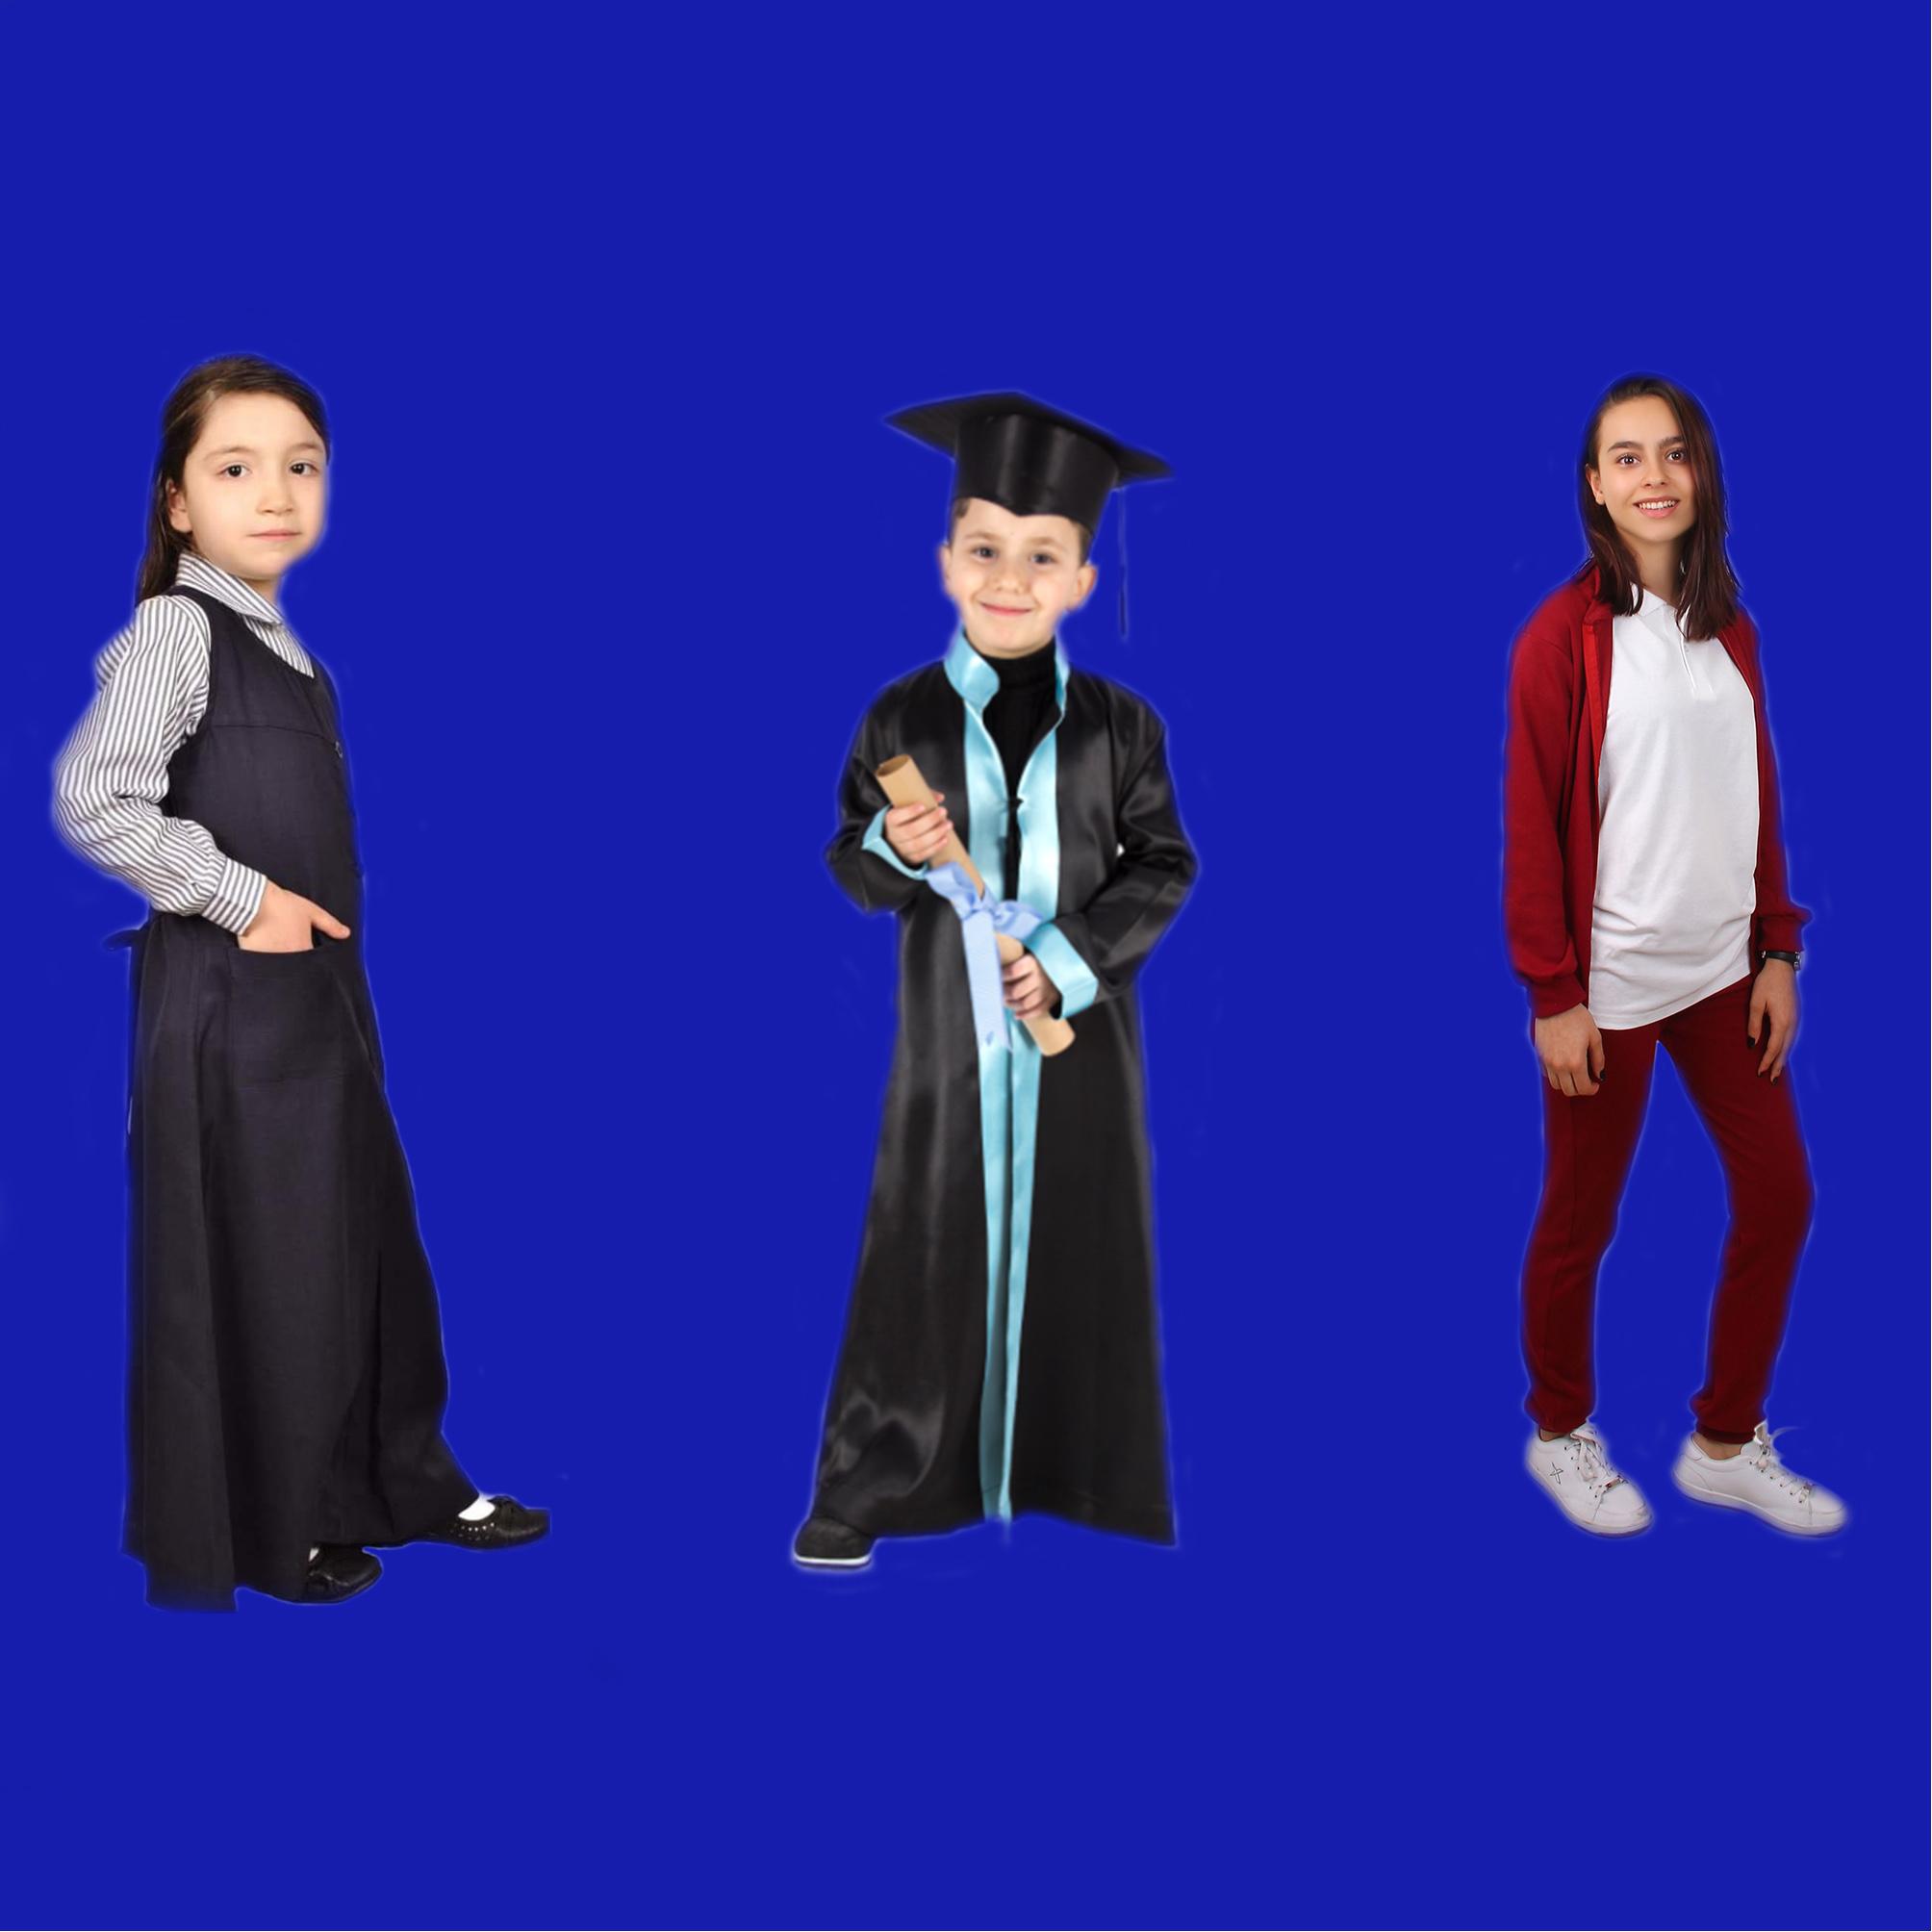 انتاج الملابس المدرسية (مريول - شيرت - بيجاما رياضية - ملابس تخرج .. وكل اليونيفورم المدرسي